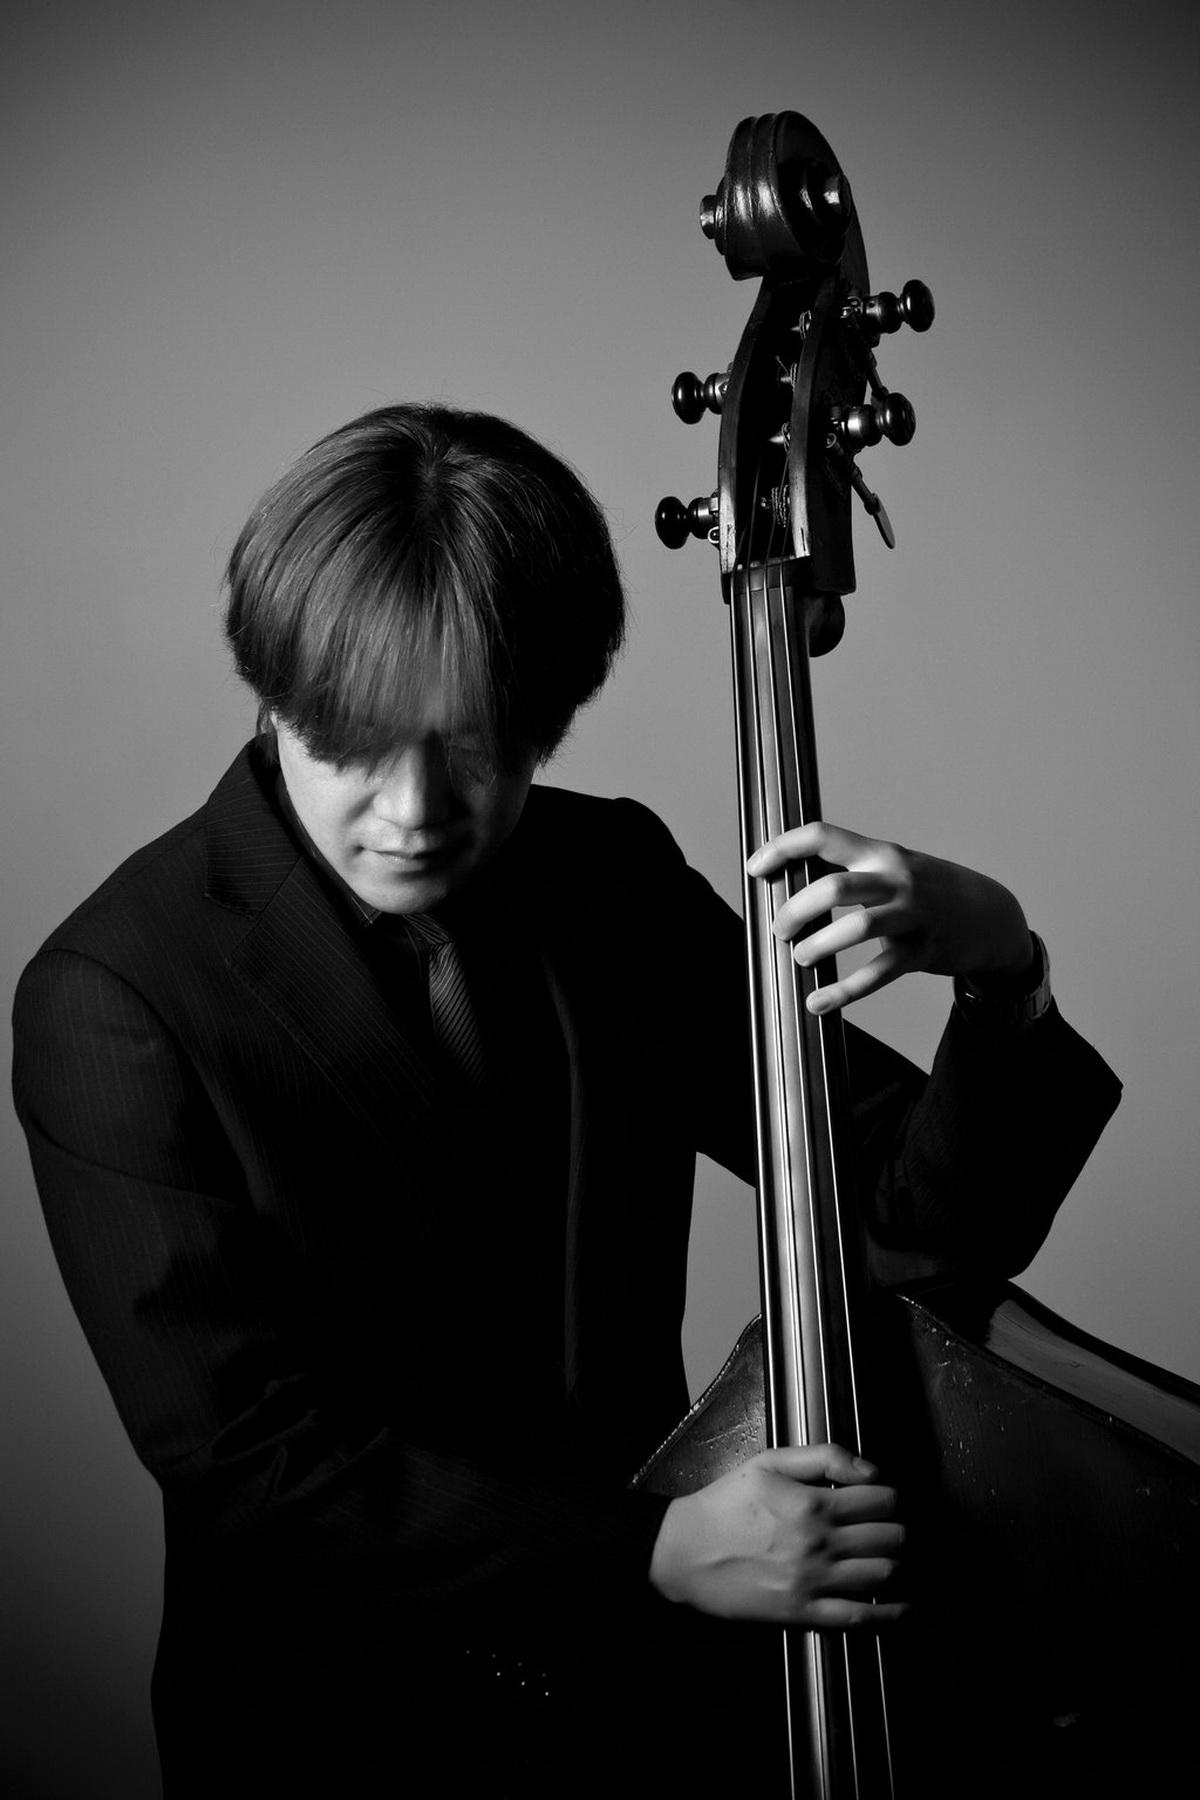 來自東京的貝斯手山田洋平,經常受邀海內外音樂演出及爵士講座教學職務.jpg